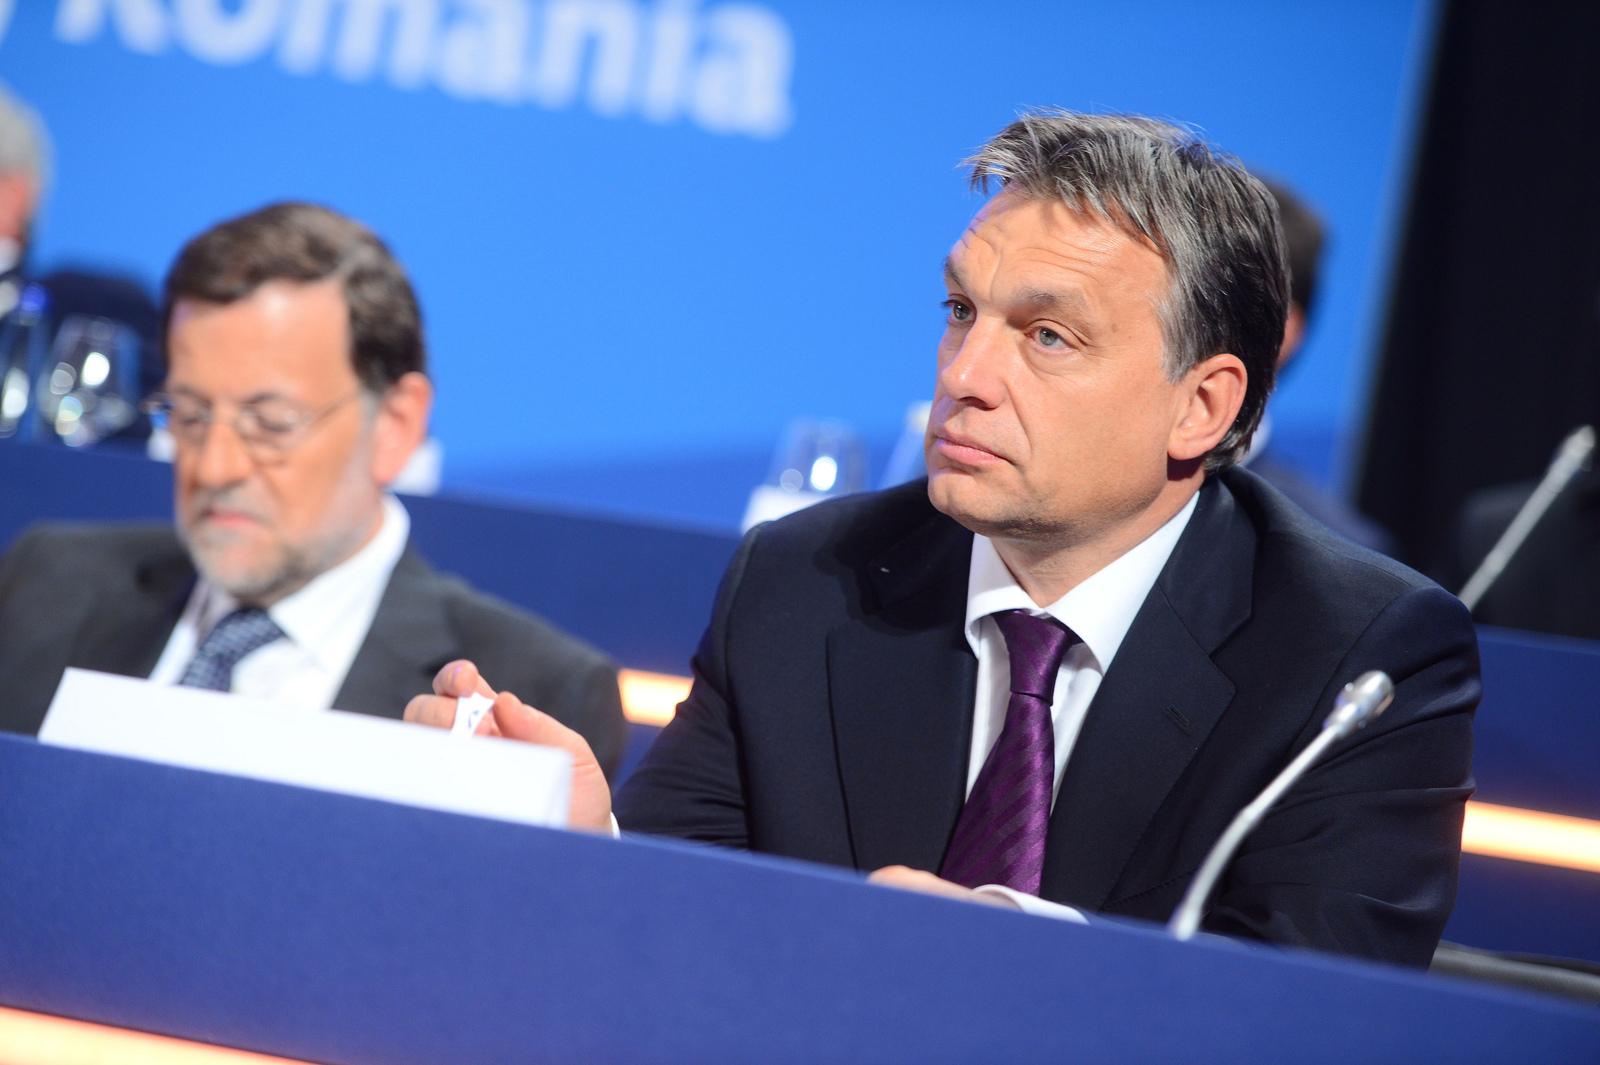 Węgry zbudują kolejny mur? Orban zapowiada odgrodzenie się od Chorwacji